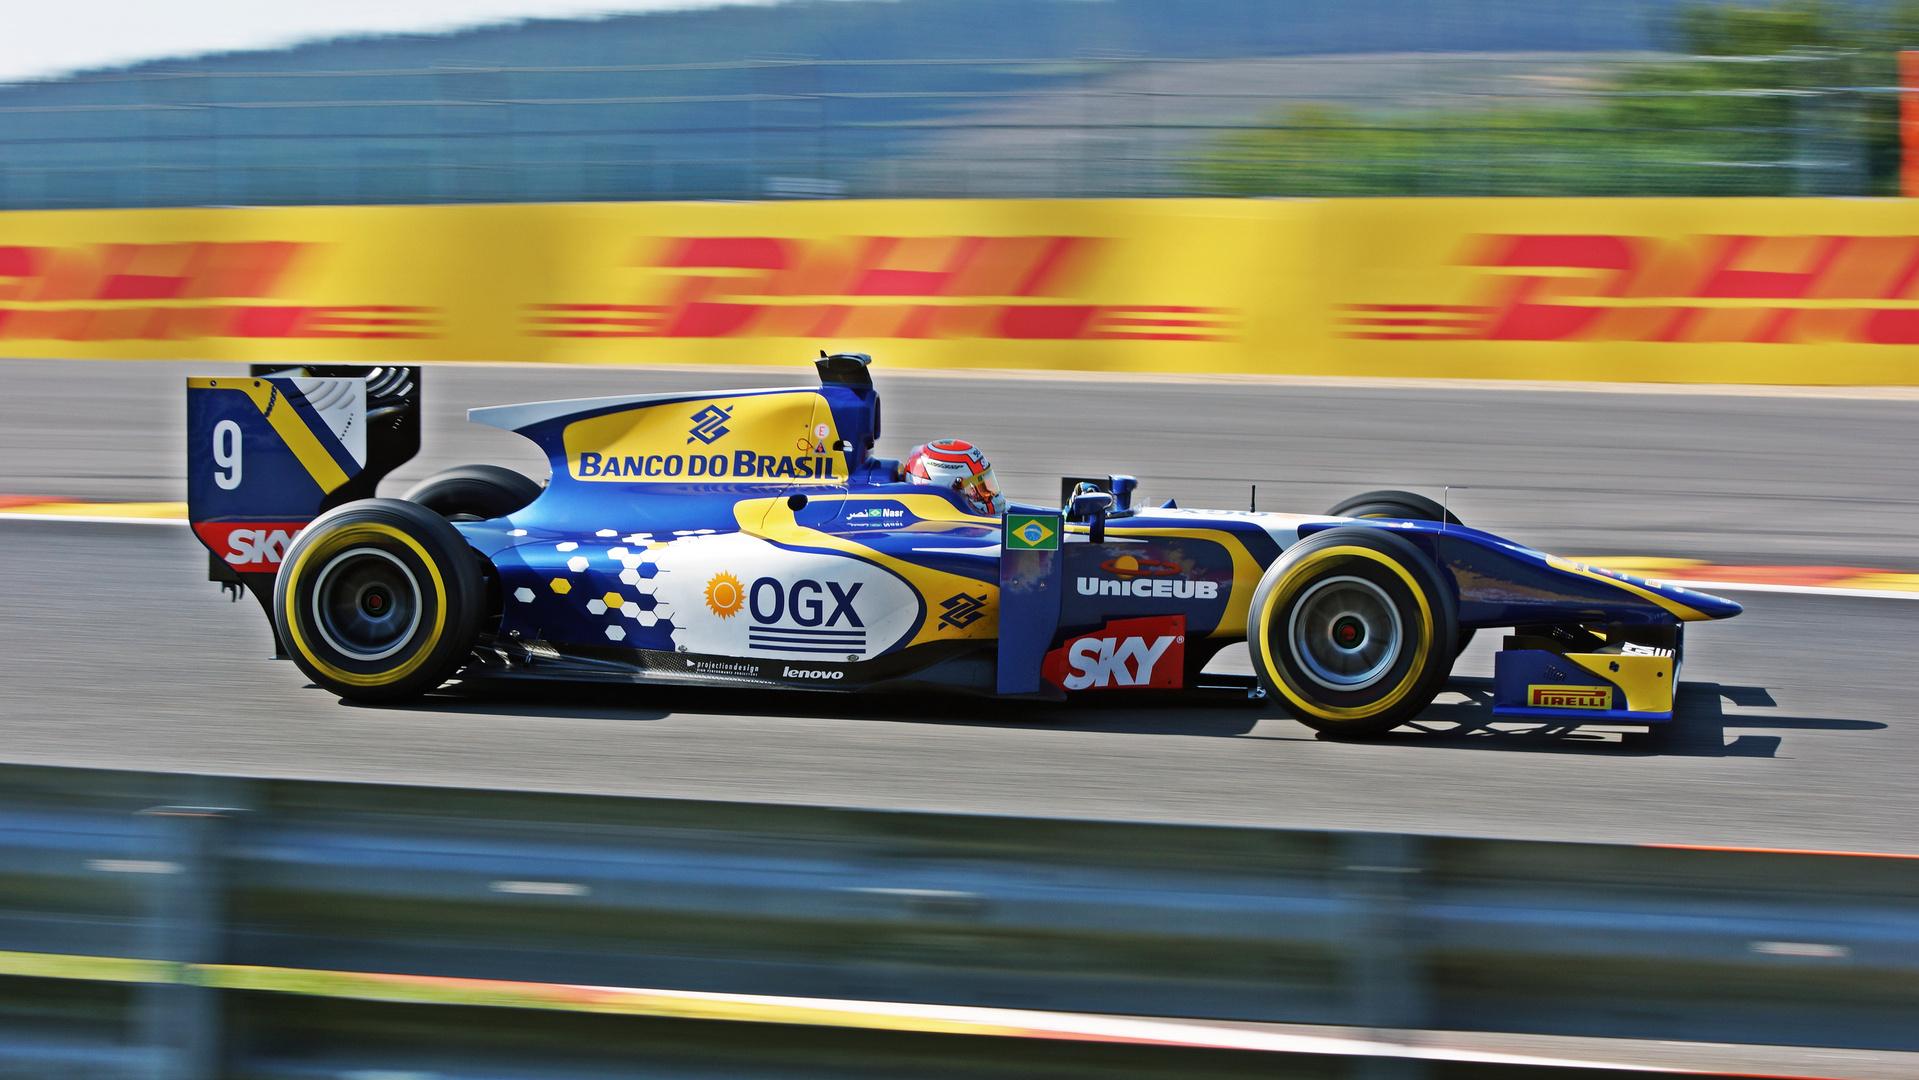 GP 2 Spa 2013